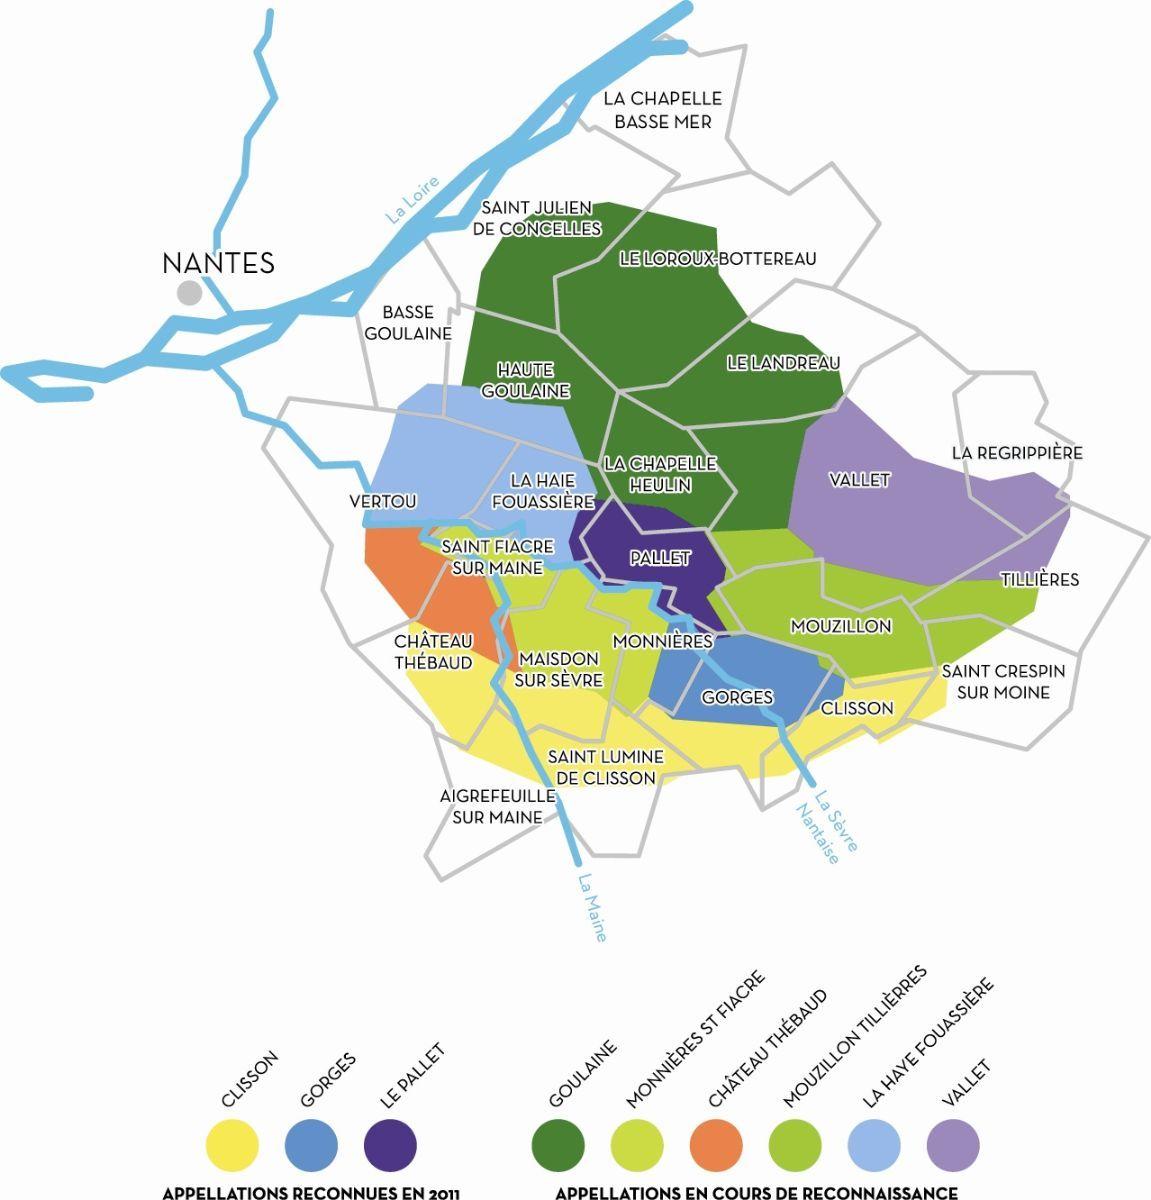 Vins Val de Loire Muscadet crus communaux Clisson Gorges Le